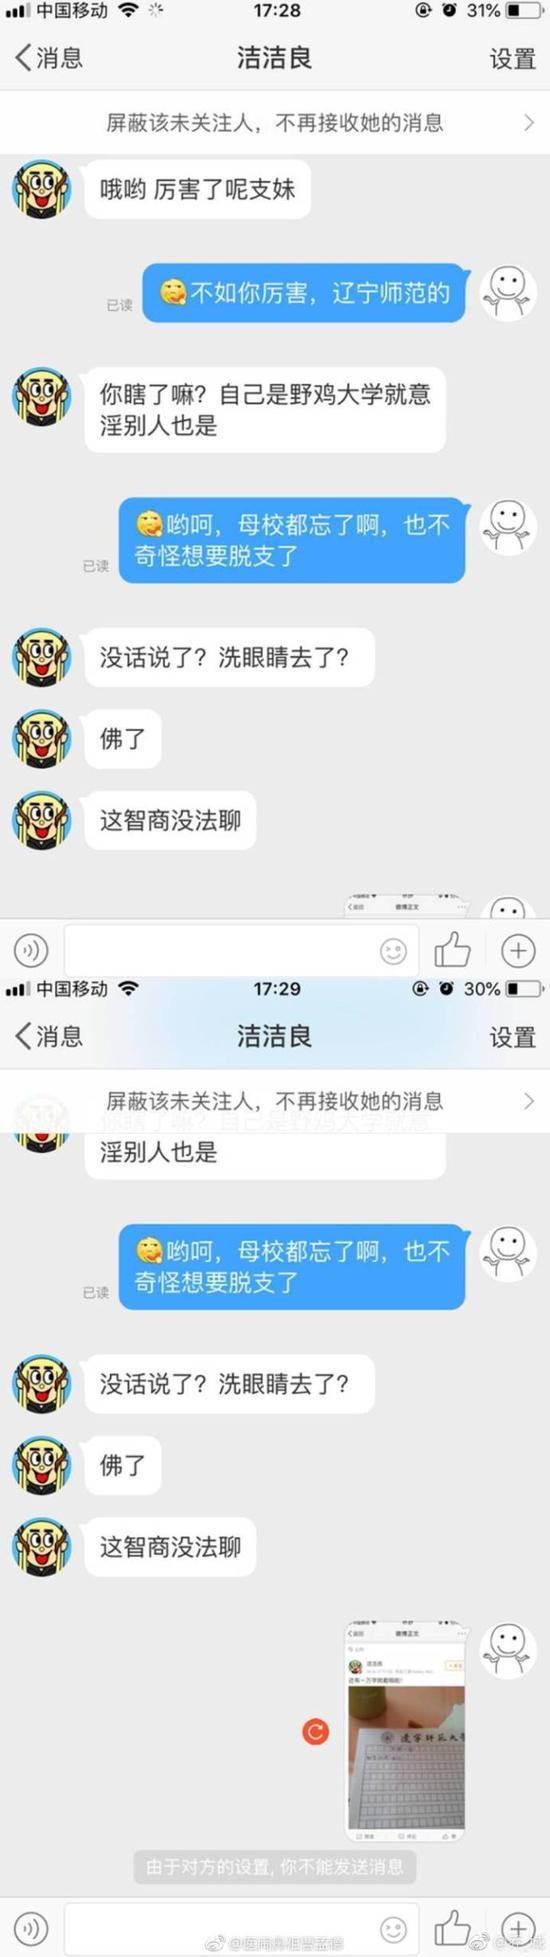 美高梅4858官方网站 18